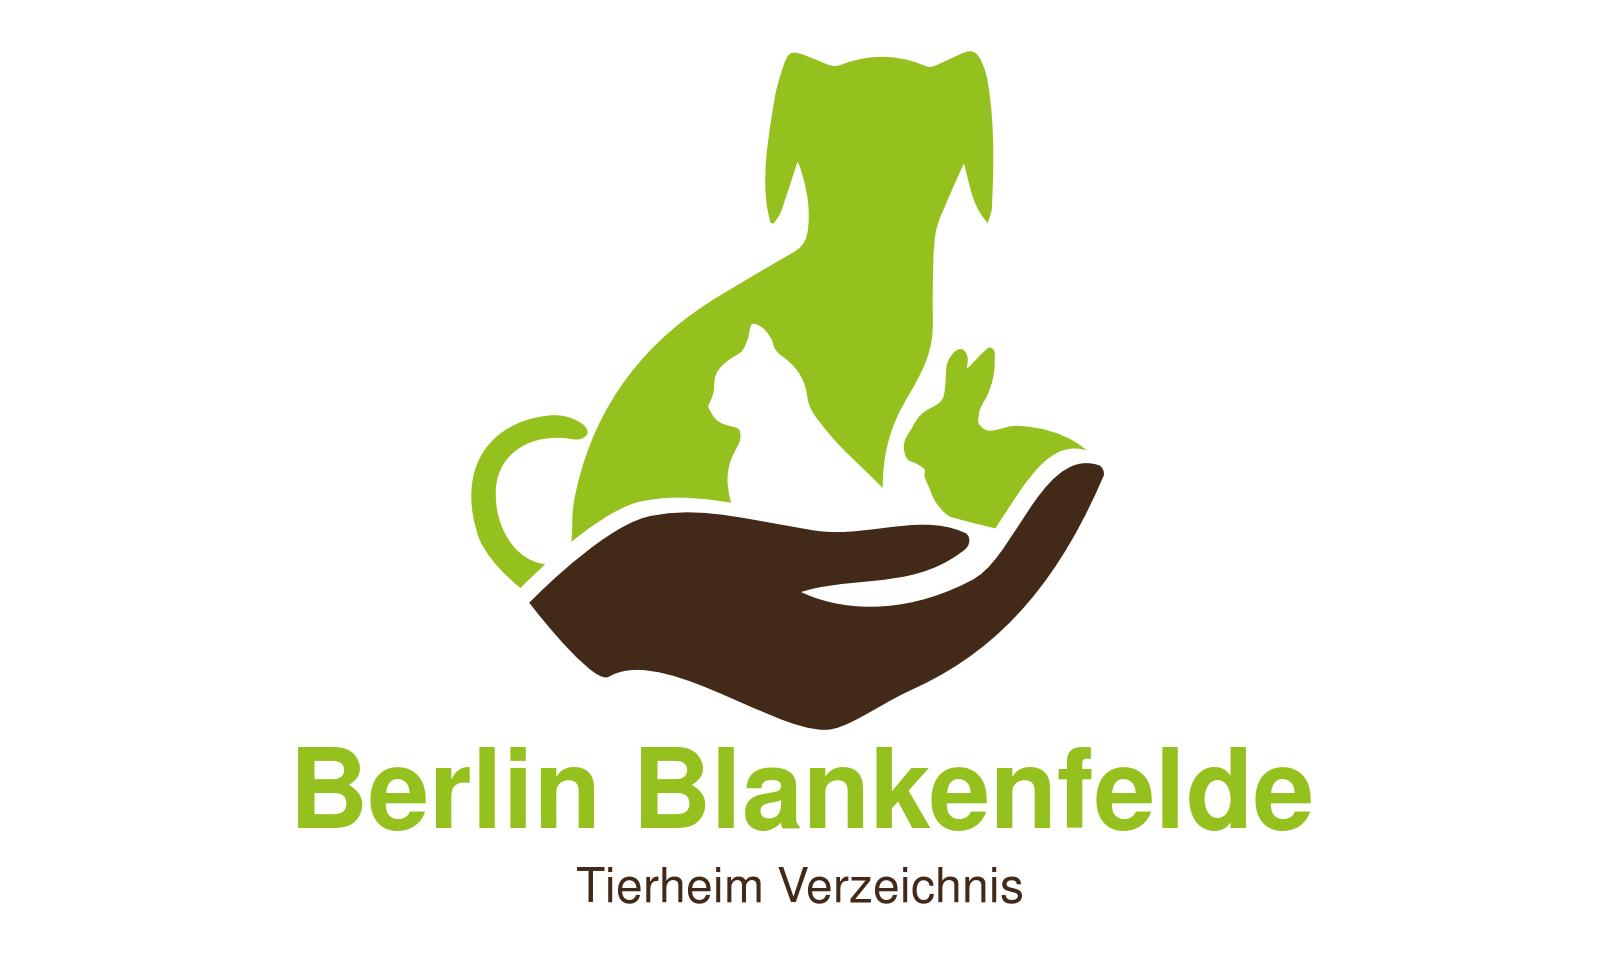 Tierheim Berlin Blankenfelde